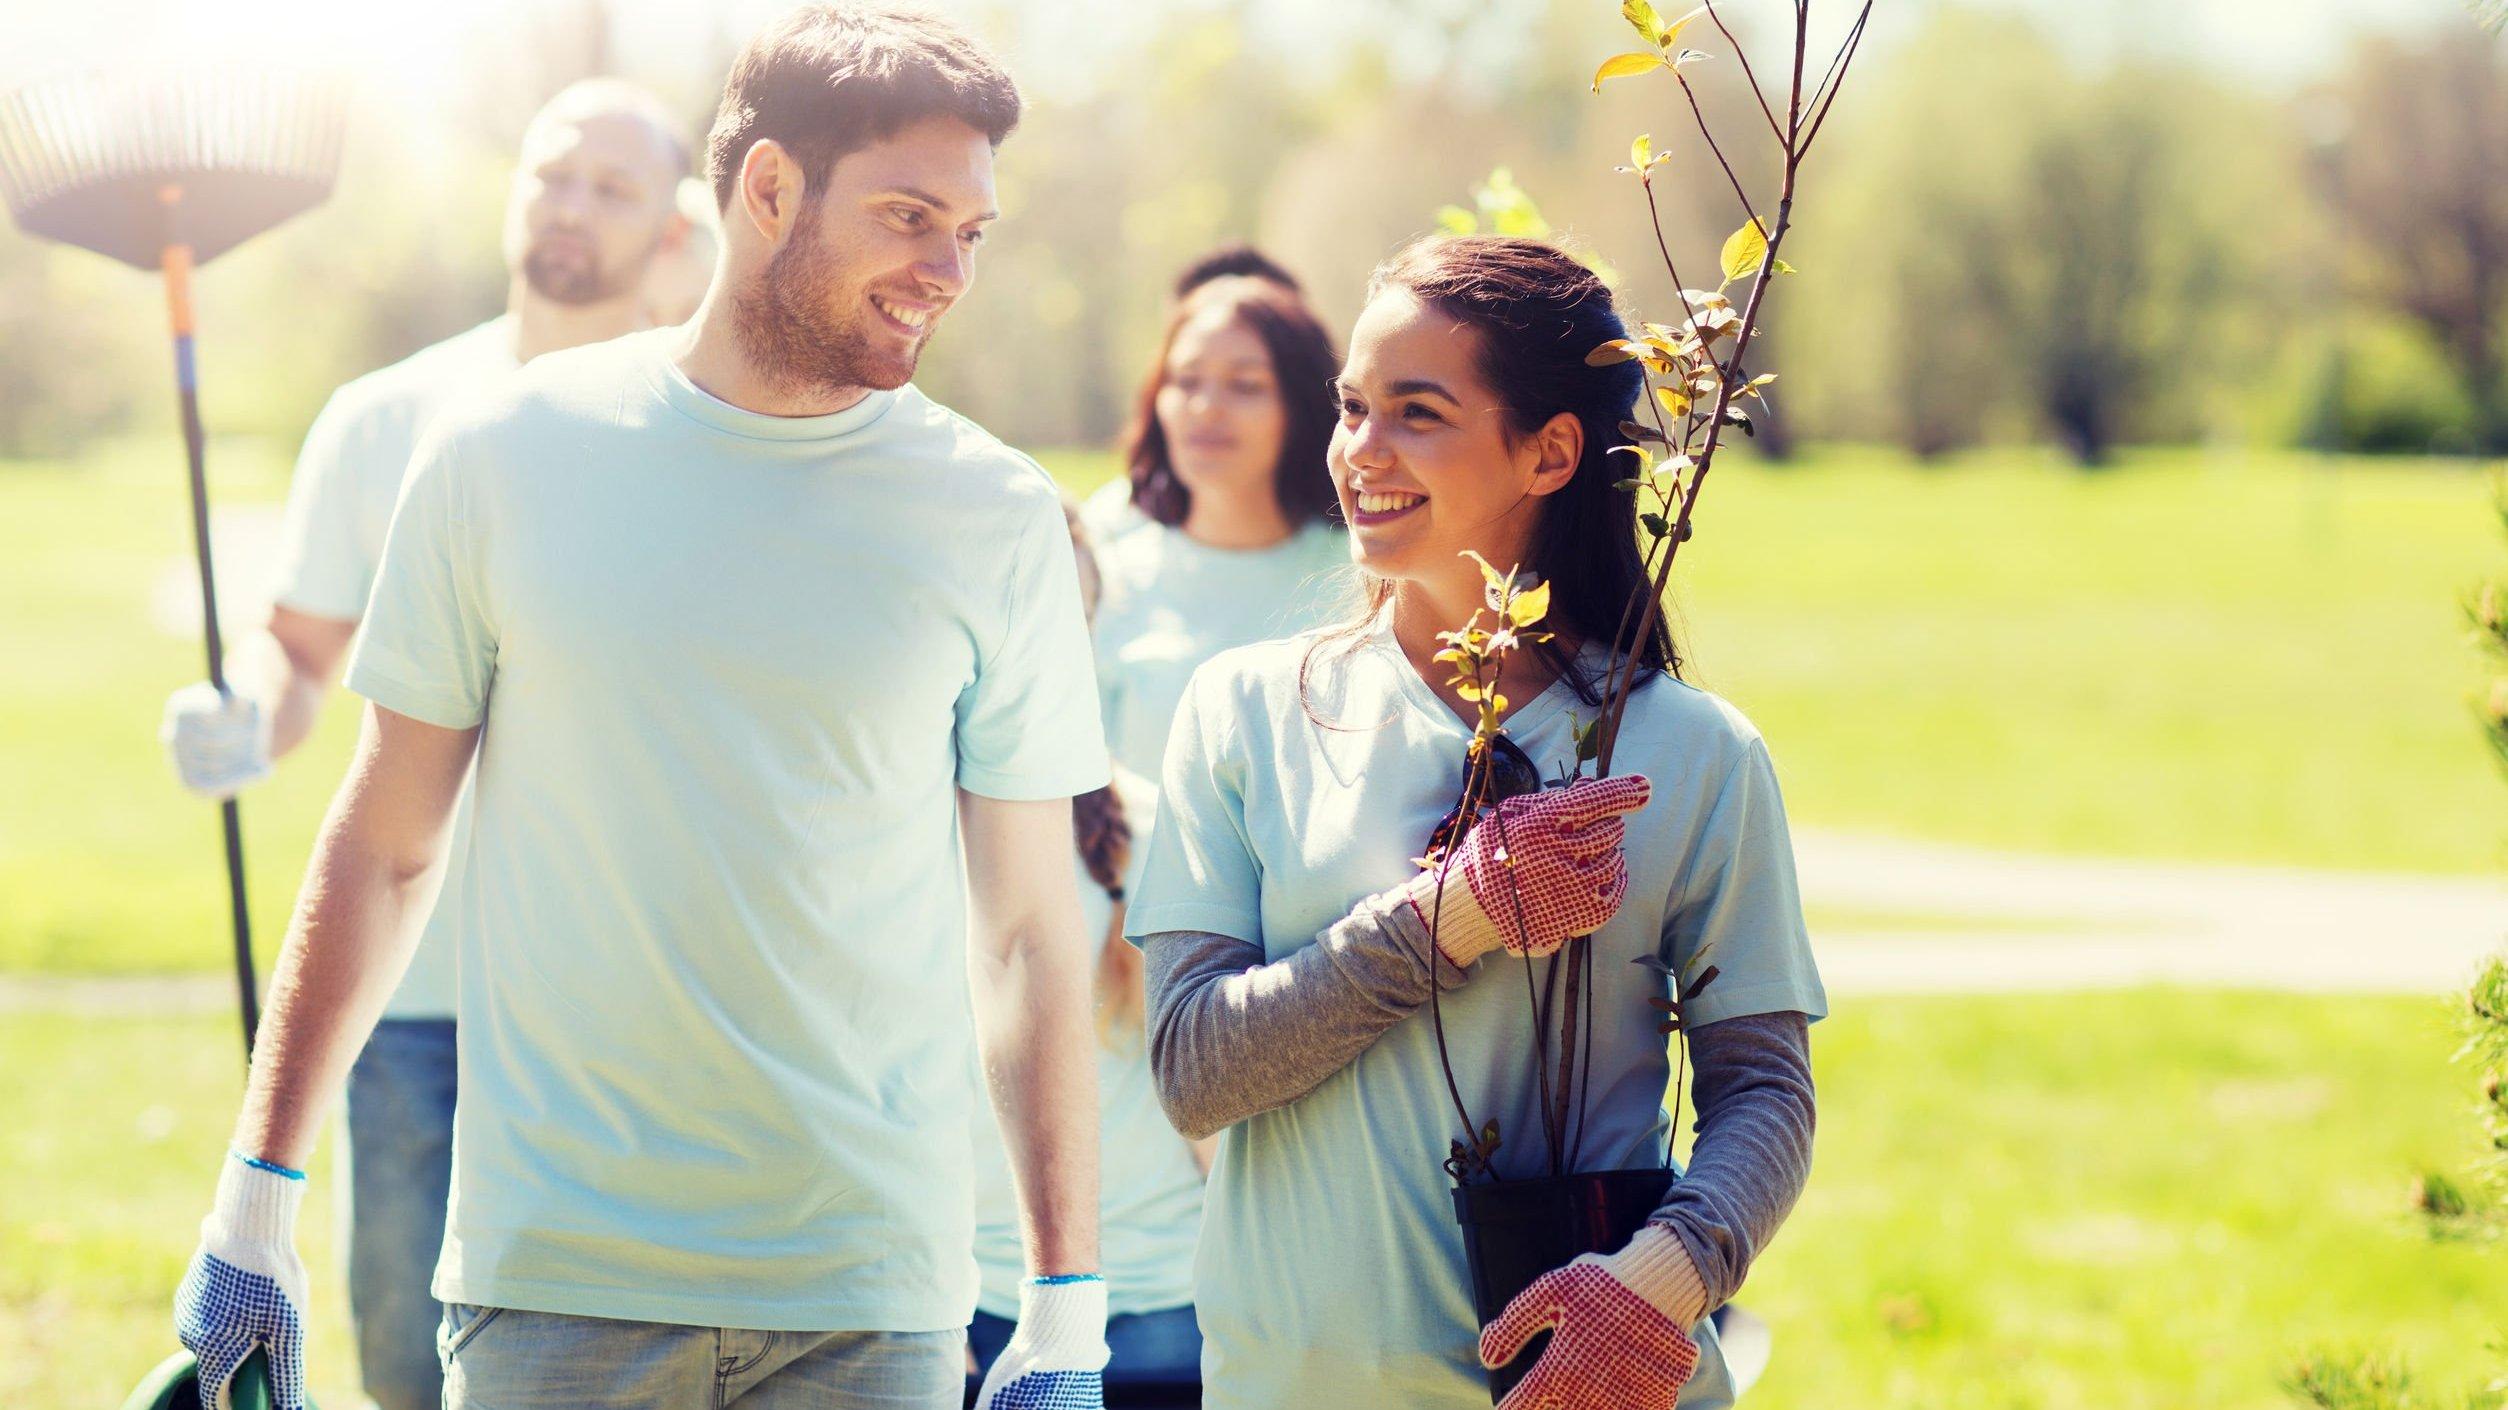 Homem e mulher olhando um para outro sorrindo enquanto caminham segurando mudas de árvores